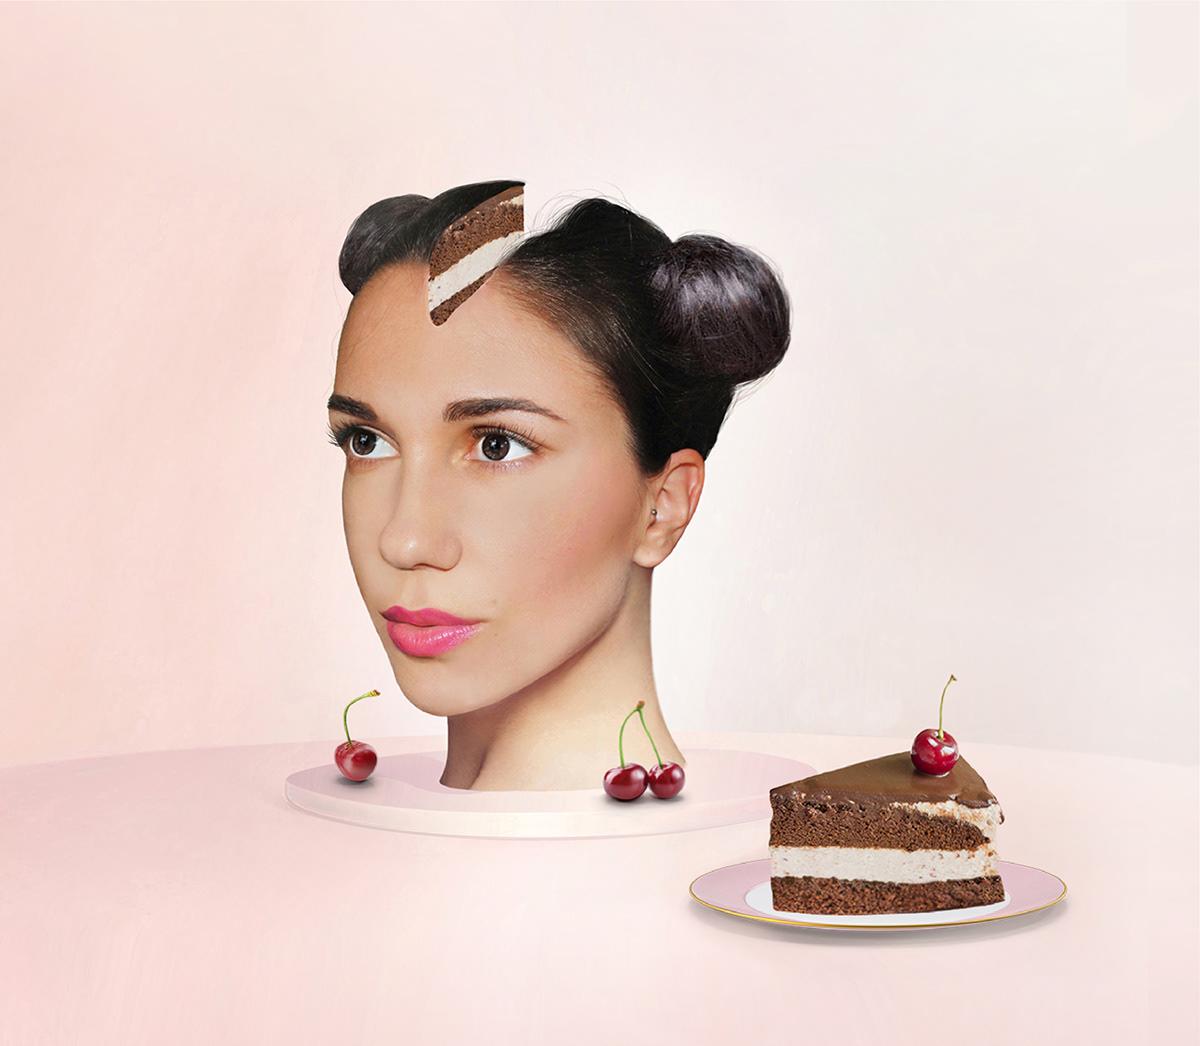 Photography  pink beauty makeup cake lips model art Bojana Knezevic art direction